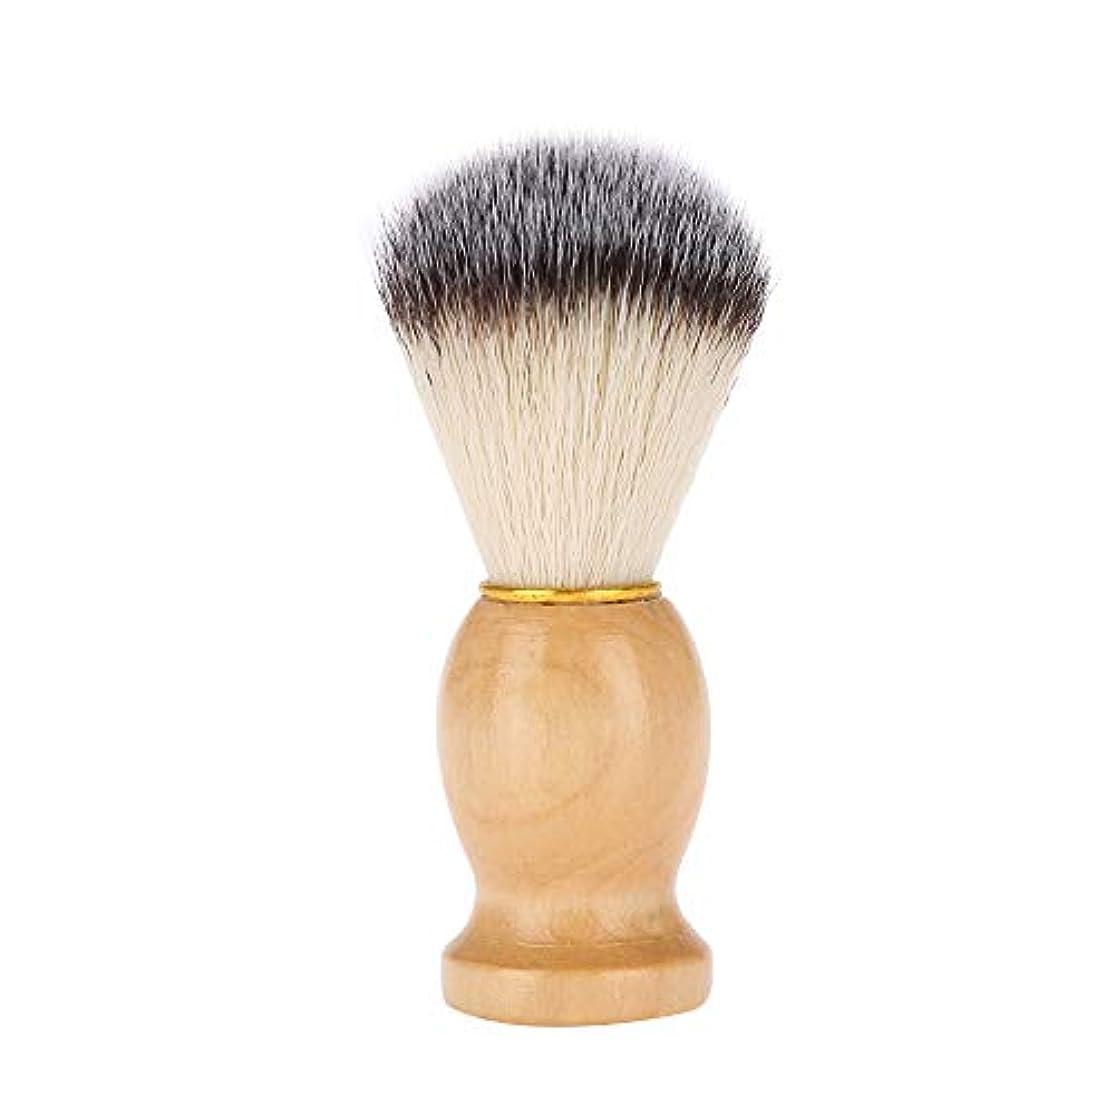 接続詞空いている有害なメンズひげブラシ、理髪サロンツールを剃るソフトブラシ